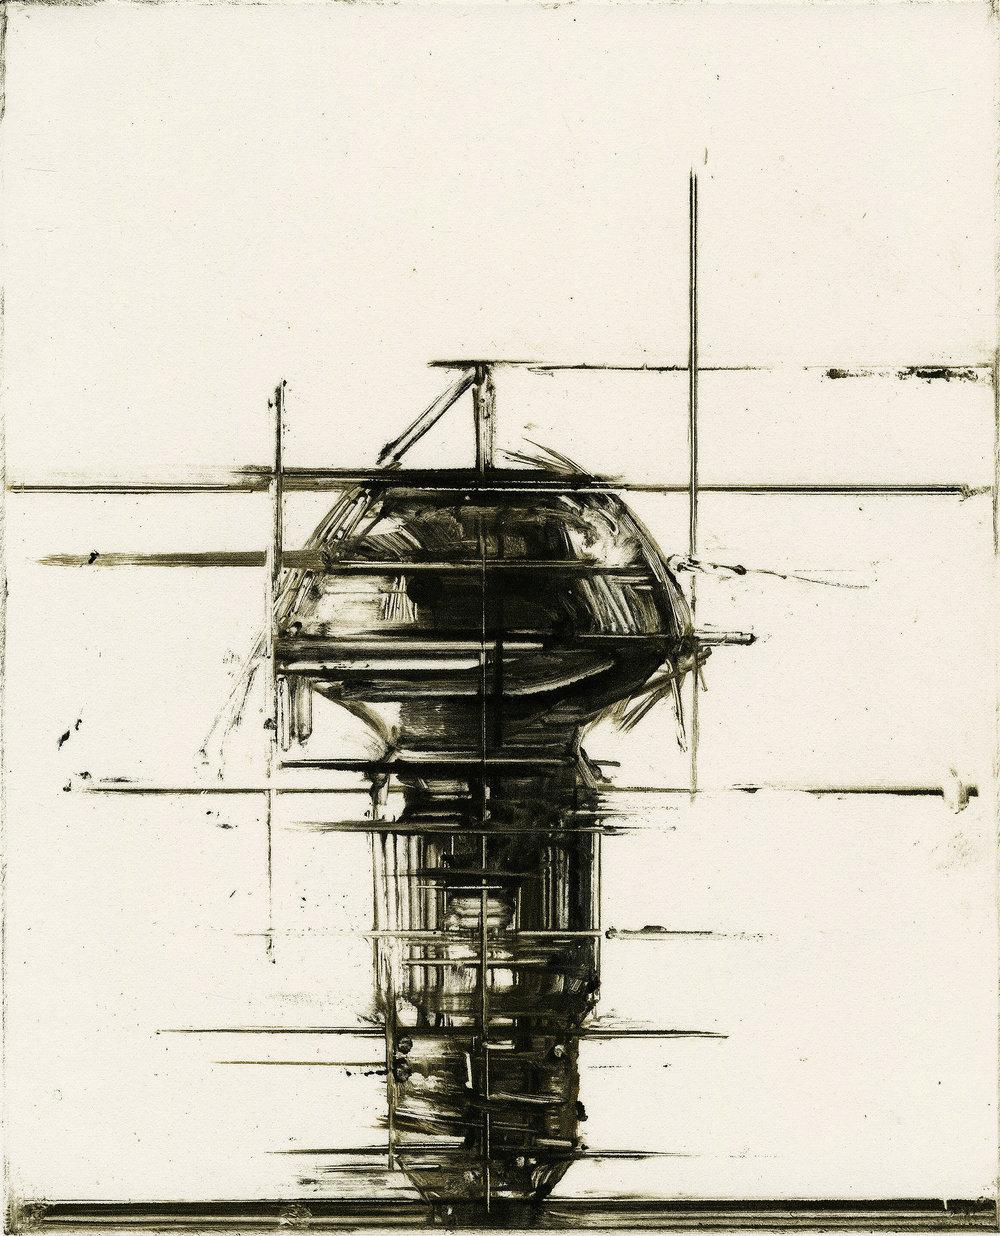 Shao-Yuan Zhang,  Plate 9906 , monoprint, 8x9.5